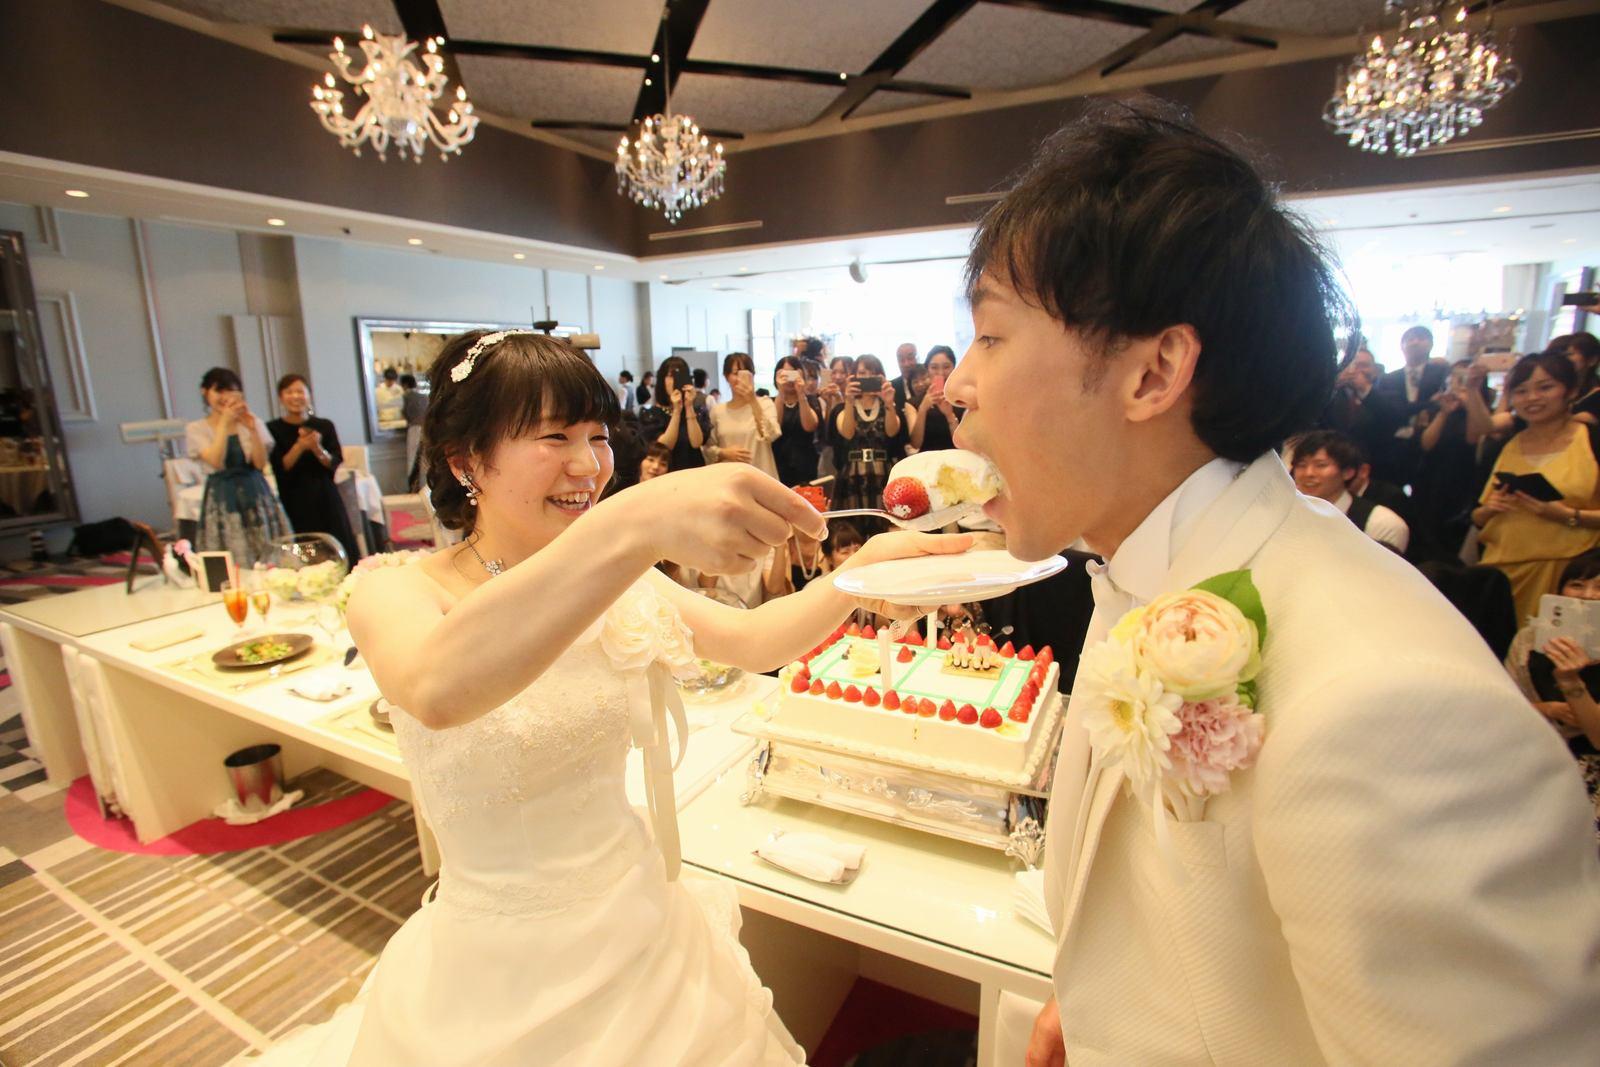 徳島市の結婚式場ブランアンジュで披露宴でのウエディングケーキ入刀後からのファーストバイト